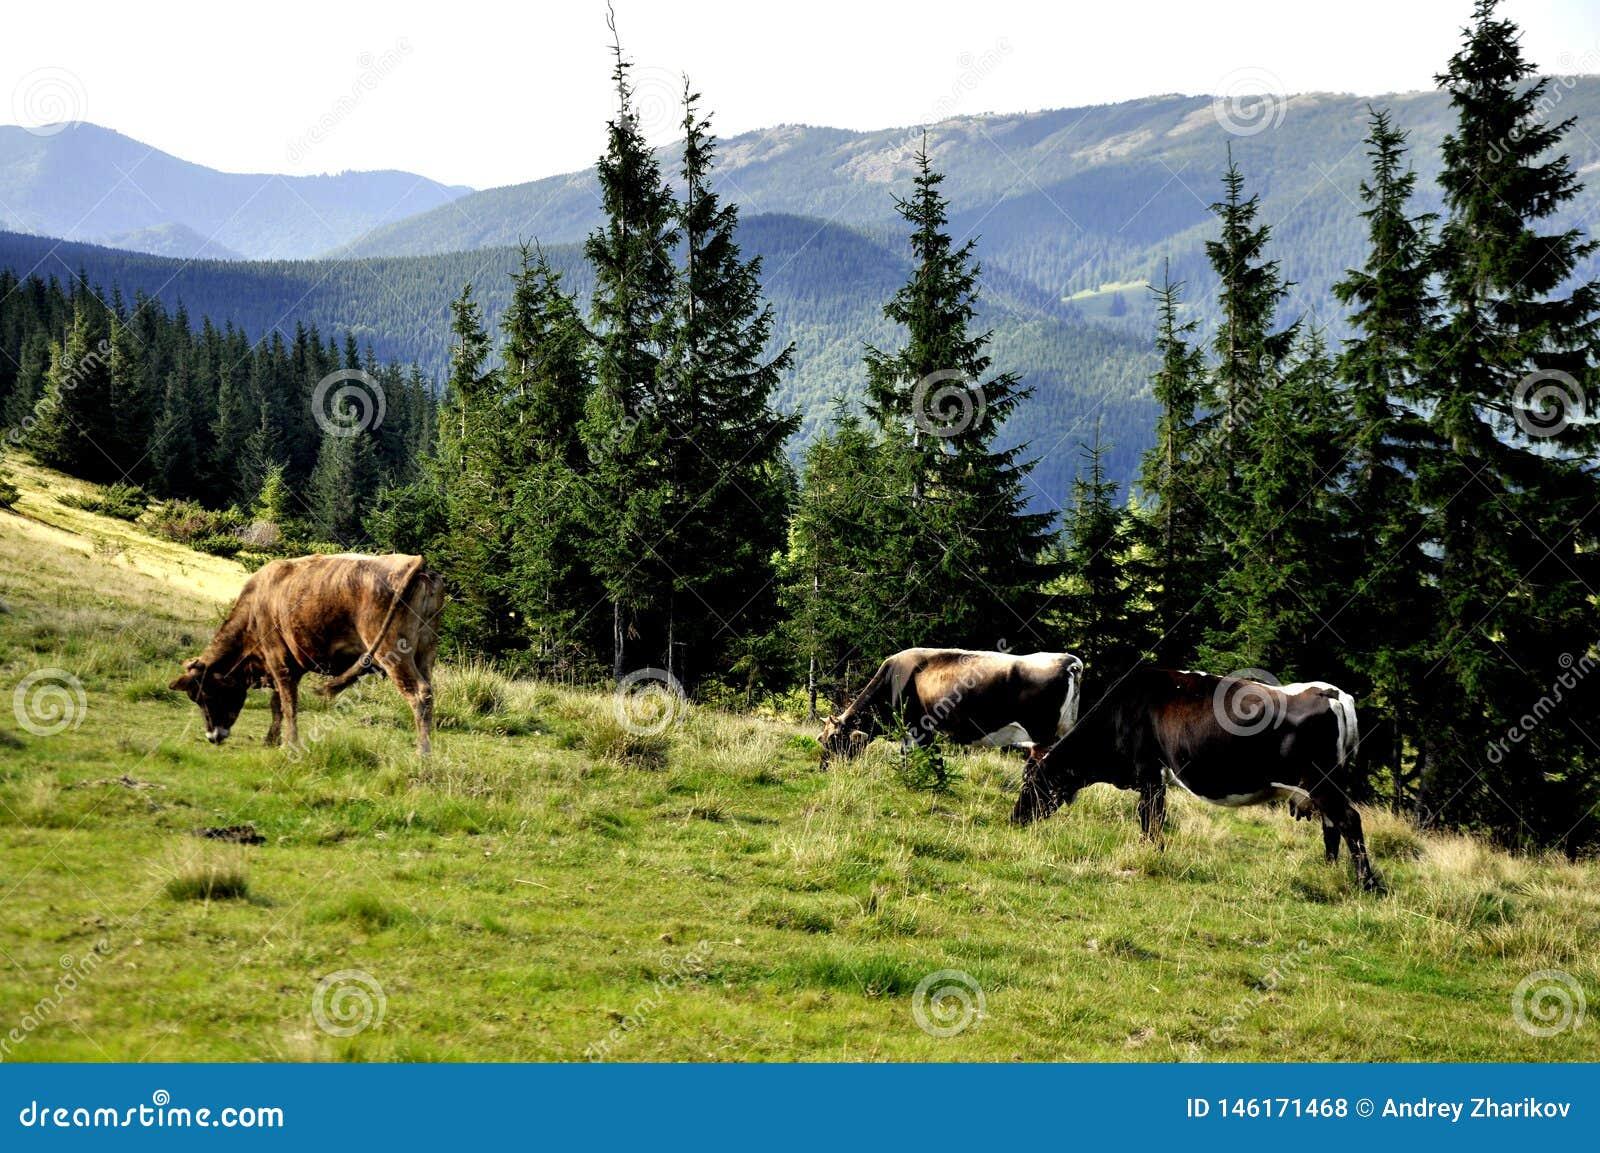 Wiese in den Bergen mit Bäumen und Kühen